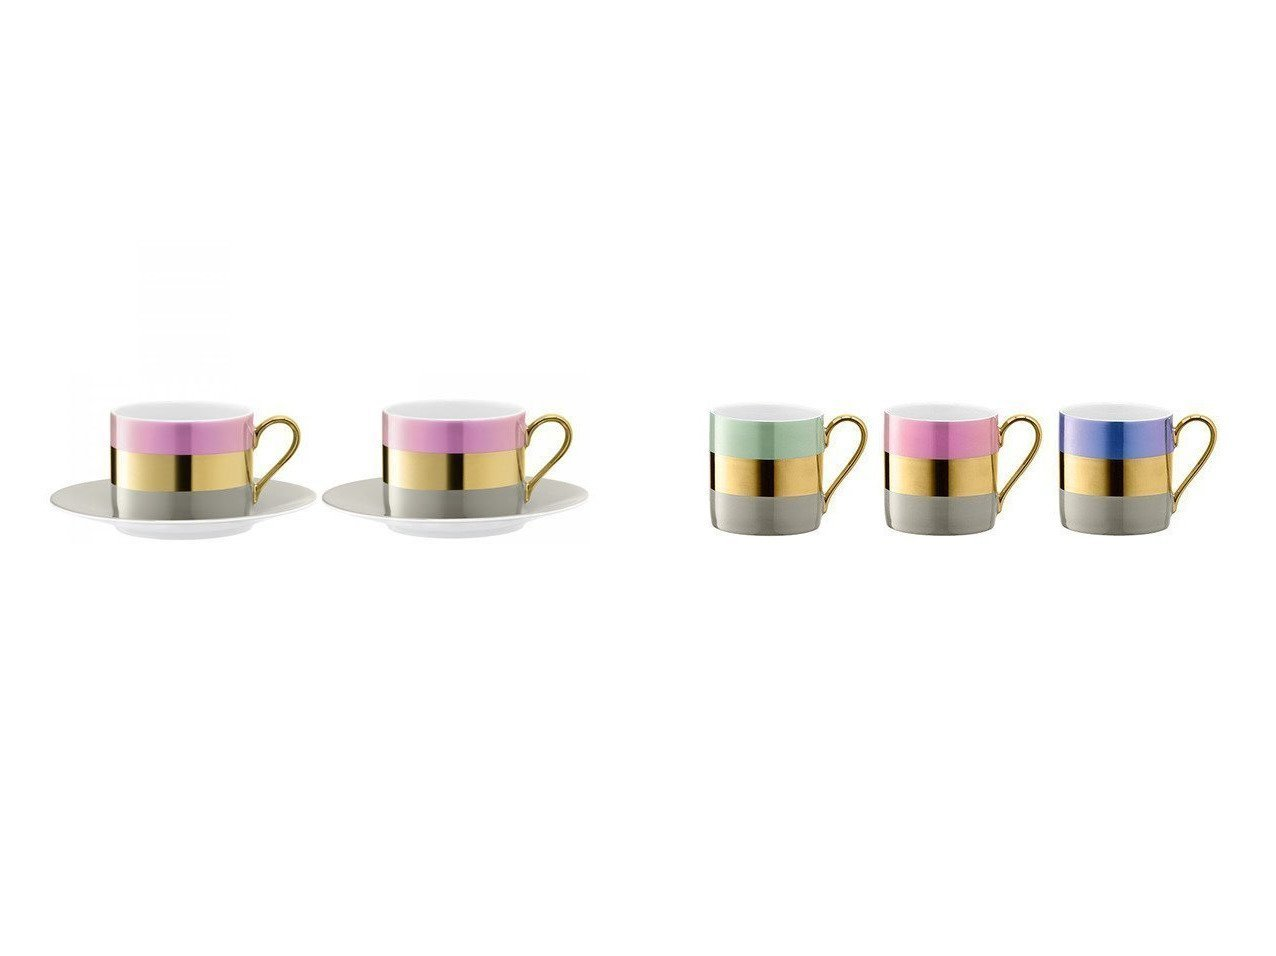 【LSA international/エルエスエー インターナショナル】のBANGLE TEACUP & バングル ティーカップ&ソーサー 2客セット&バングル マグ 【INTERIOR】おすすめ!人気、インテリア・家具の通販 おすすめで人気の流行・トレンド、ファッションの通販商品 メンズファッション・キッズファッション・インテリア・家具・レディースファッション・服の通販 founy(ファニー) https://founy.com/ 送料無料 Free Shipping おすすめ Recommend テーブル ハンド バングル ボックス |ID:crp329100000029899